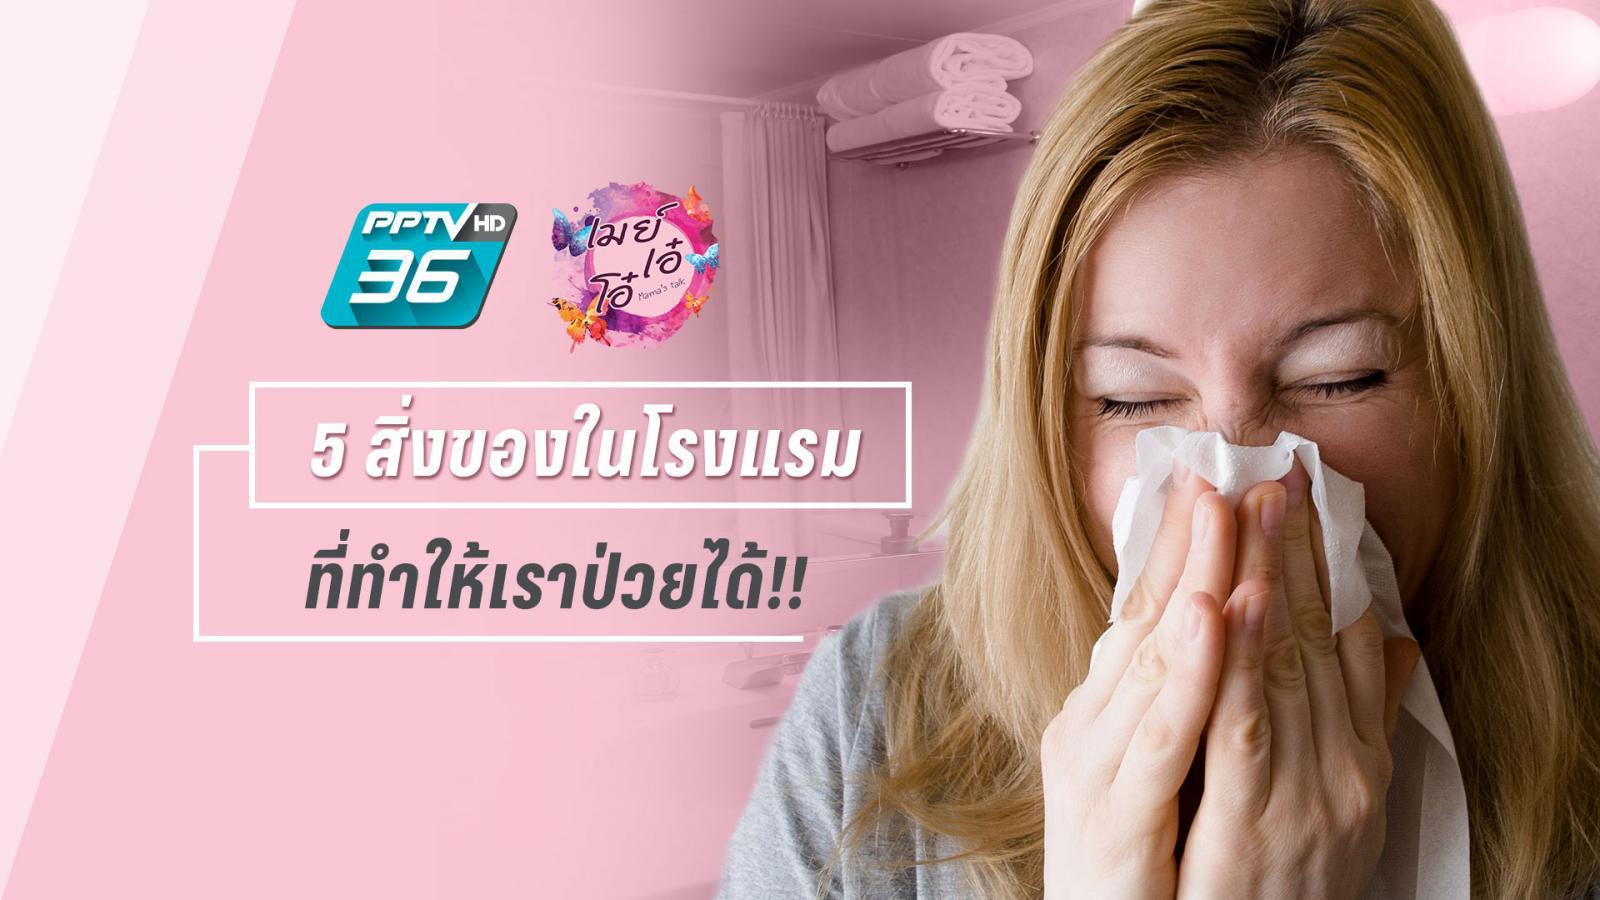 5 สิ่งของในโรงแรม ที่ทำให้เราป่วยได้!!